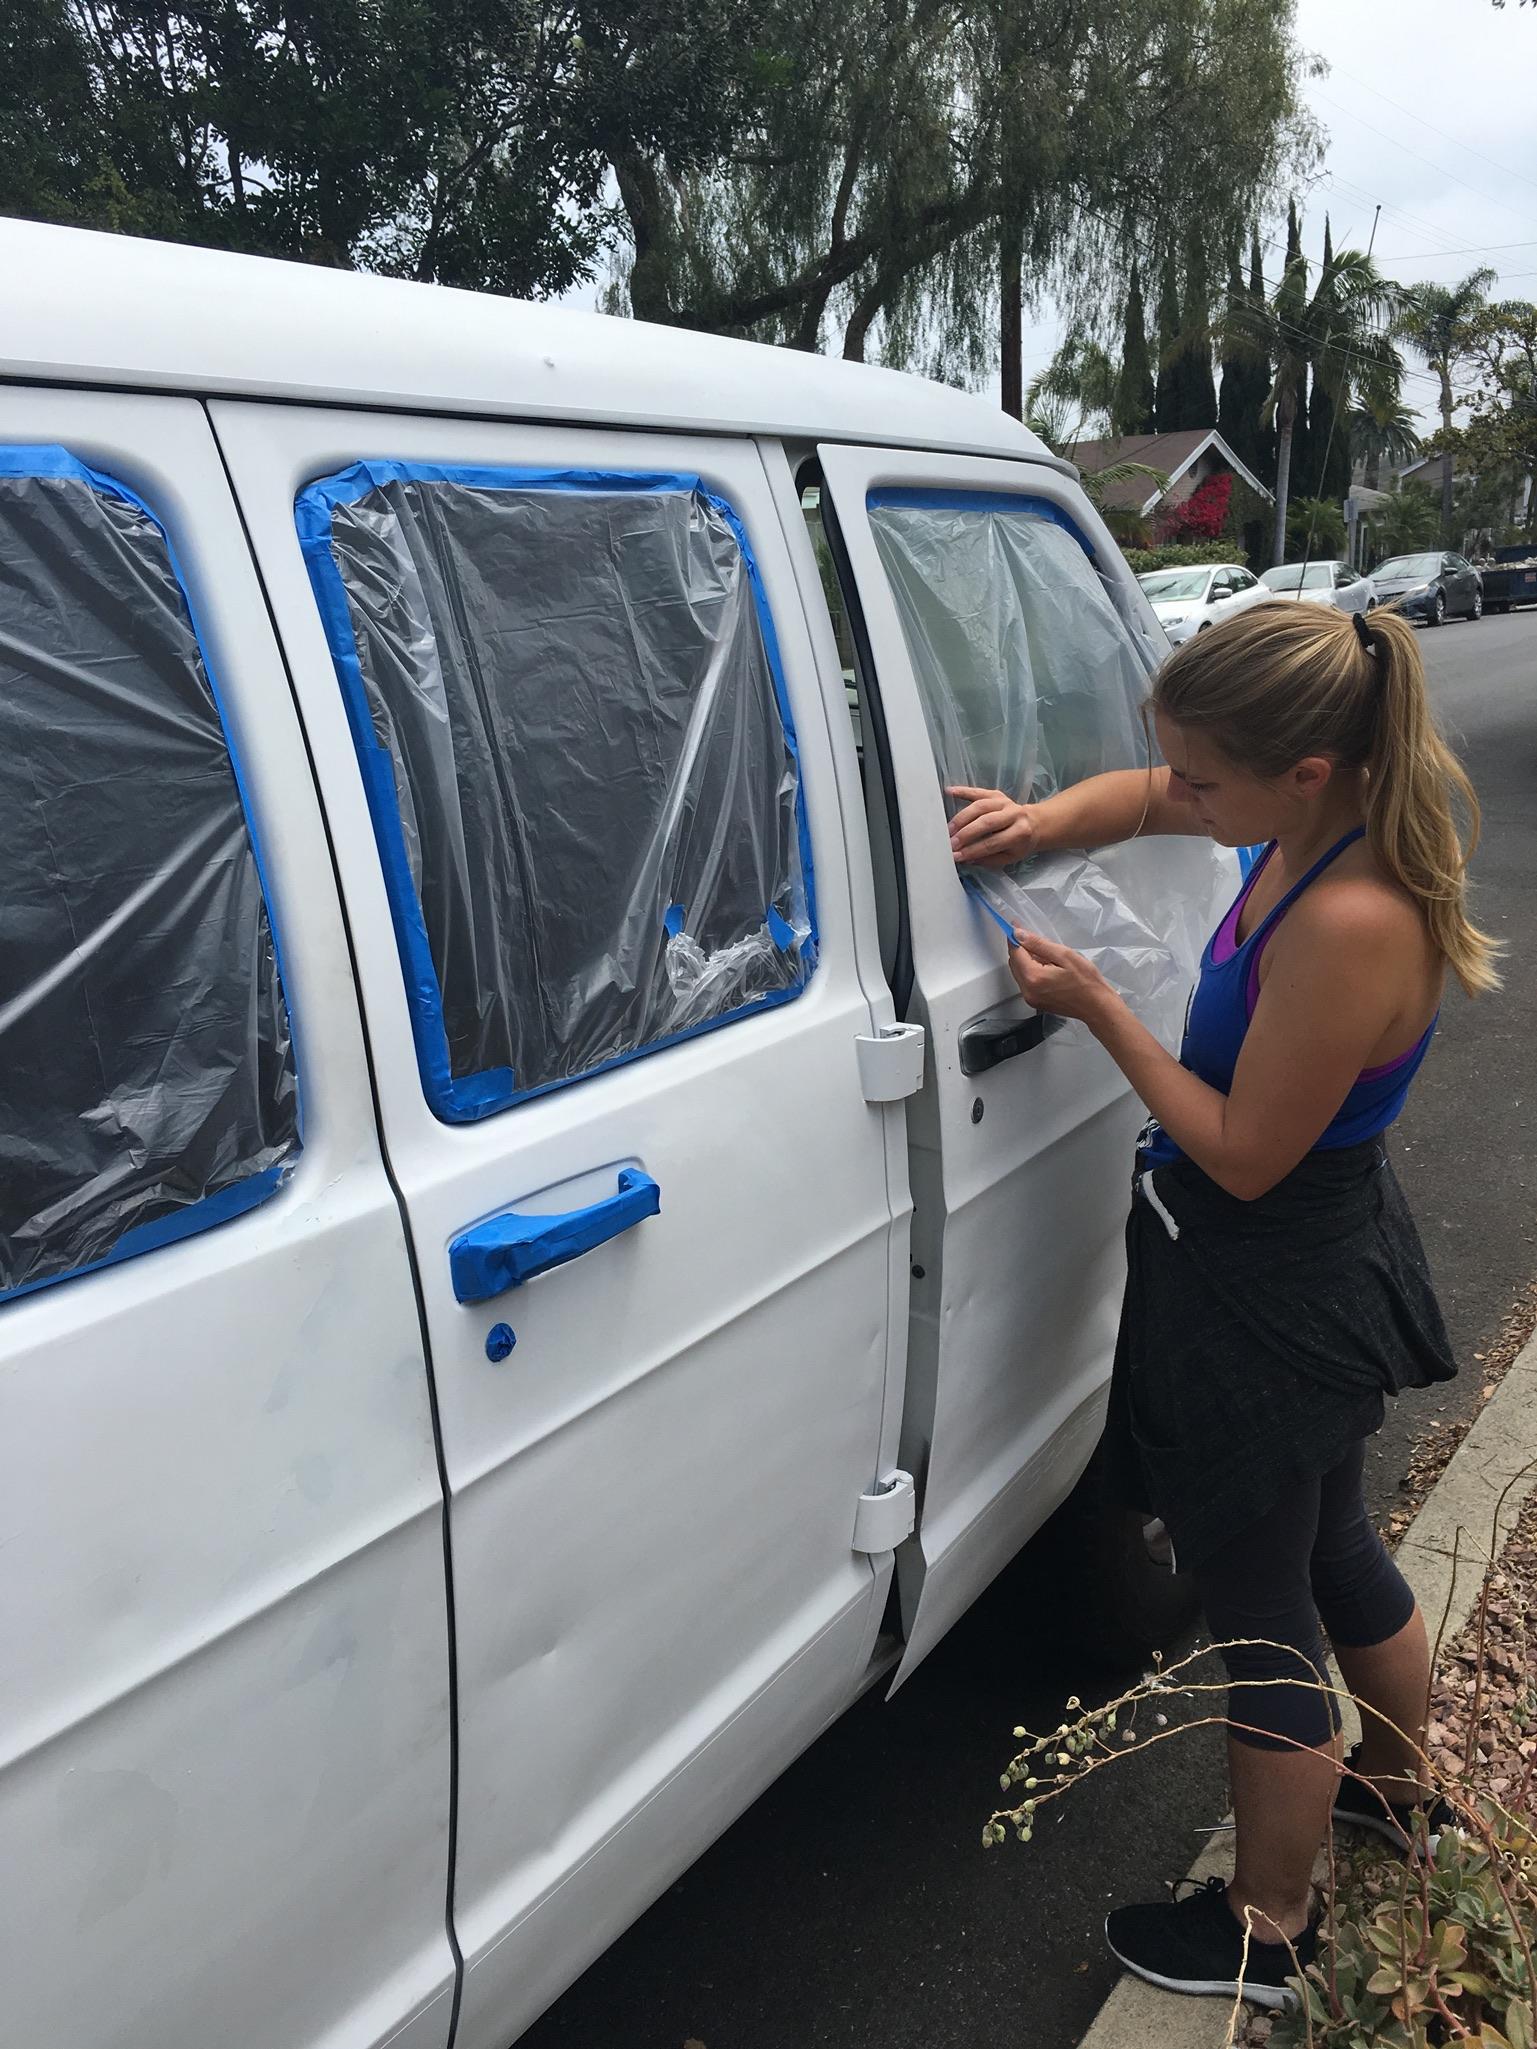 new paint job for the van. Rustoleum!